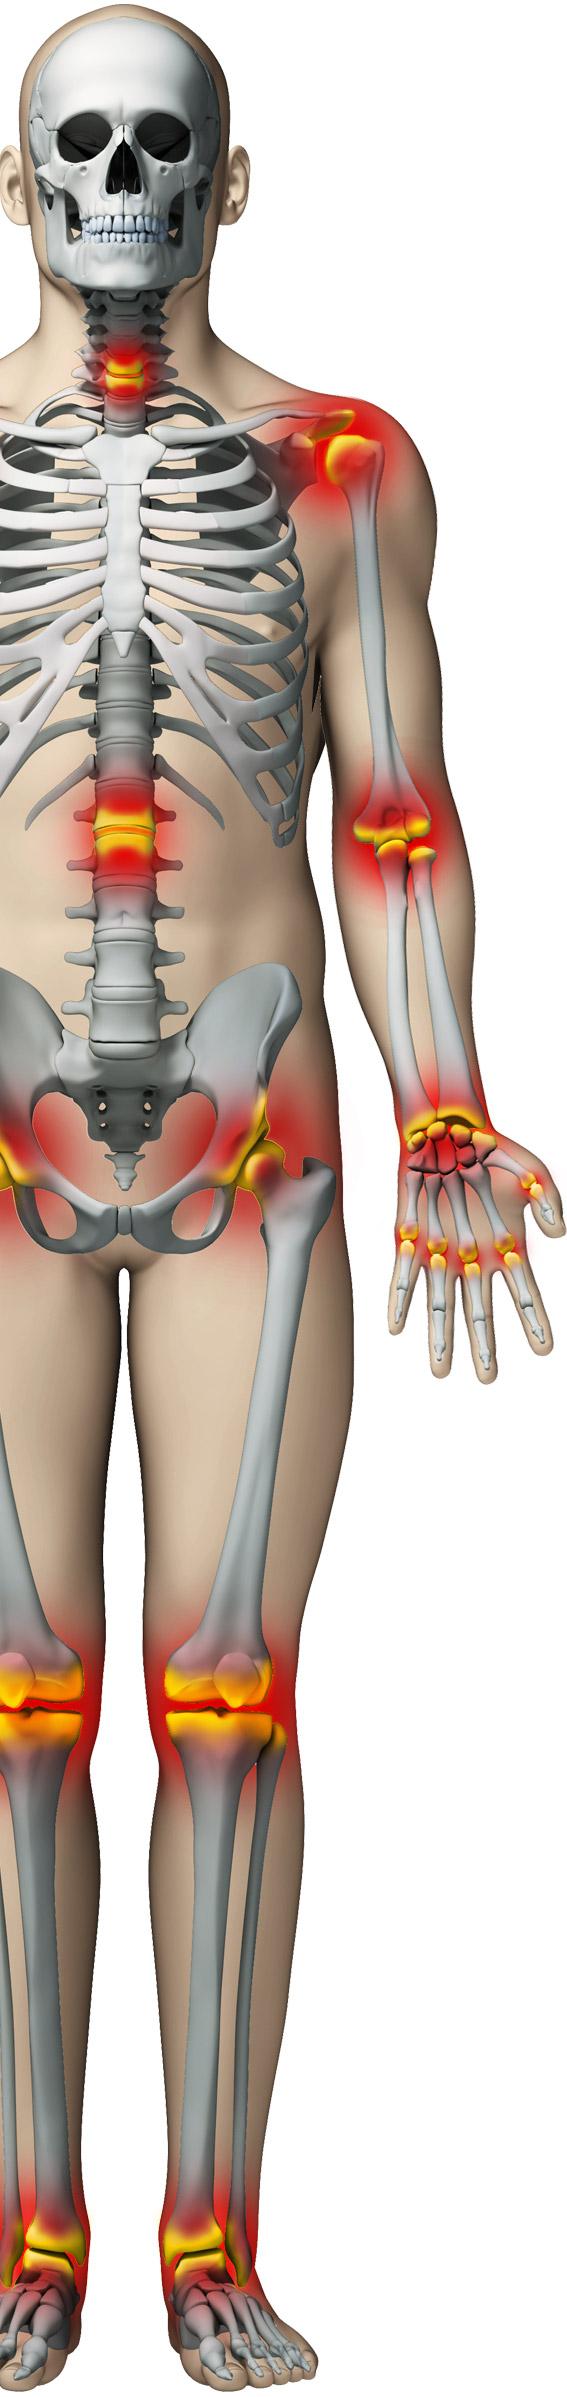 Nu durere ascuțită în genunchi stâng după fugă Am luat